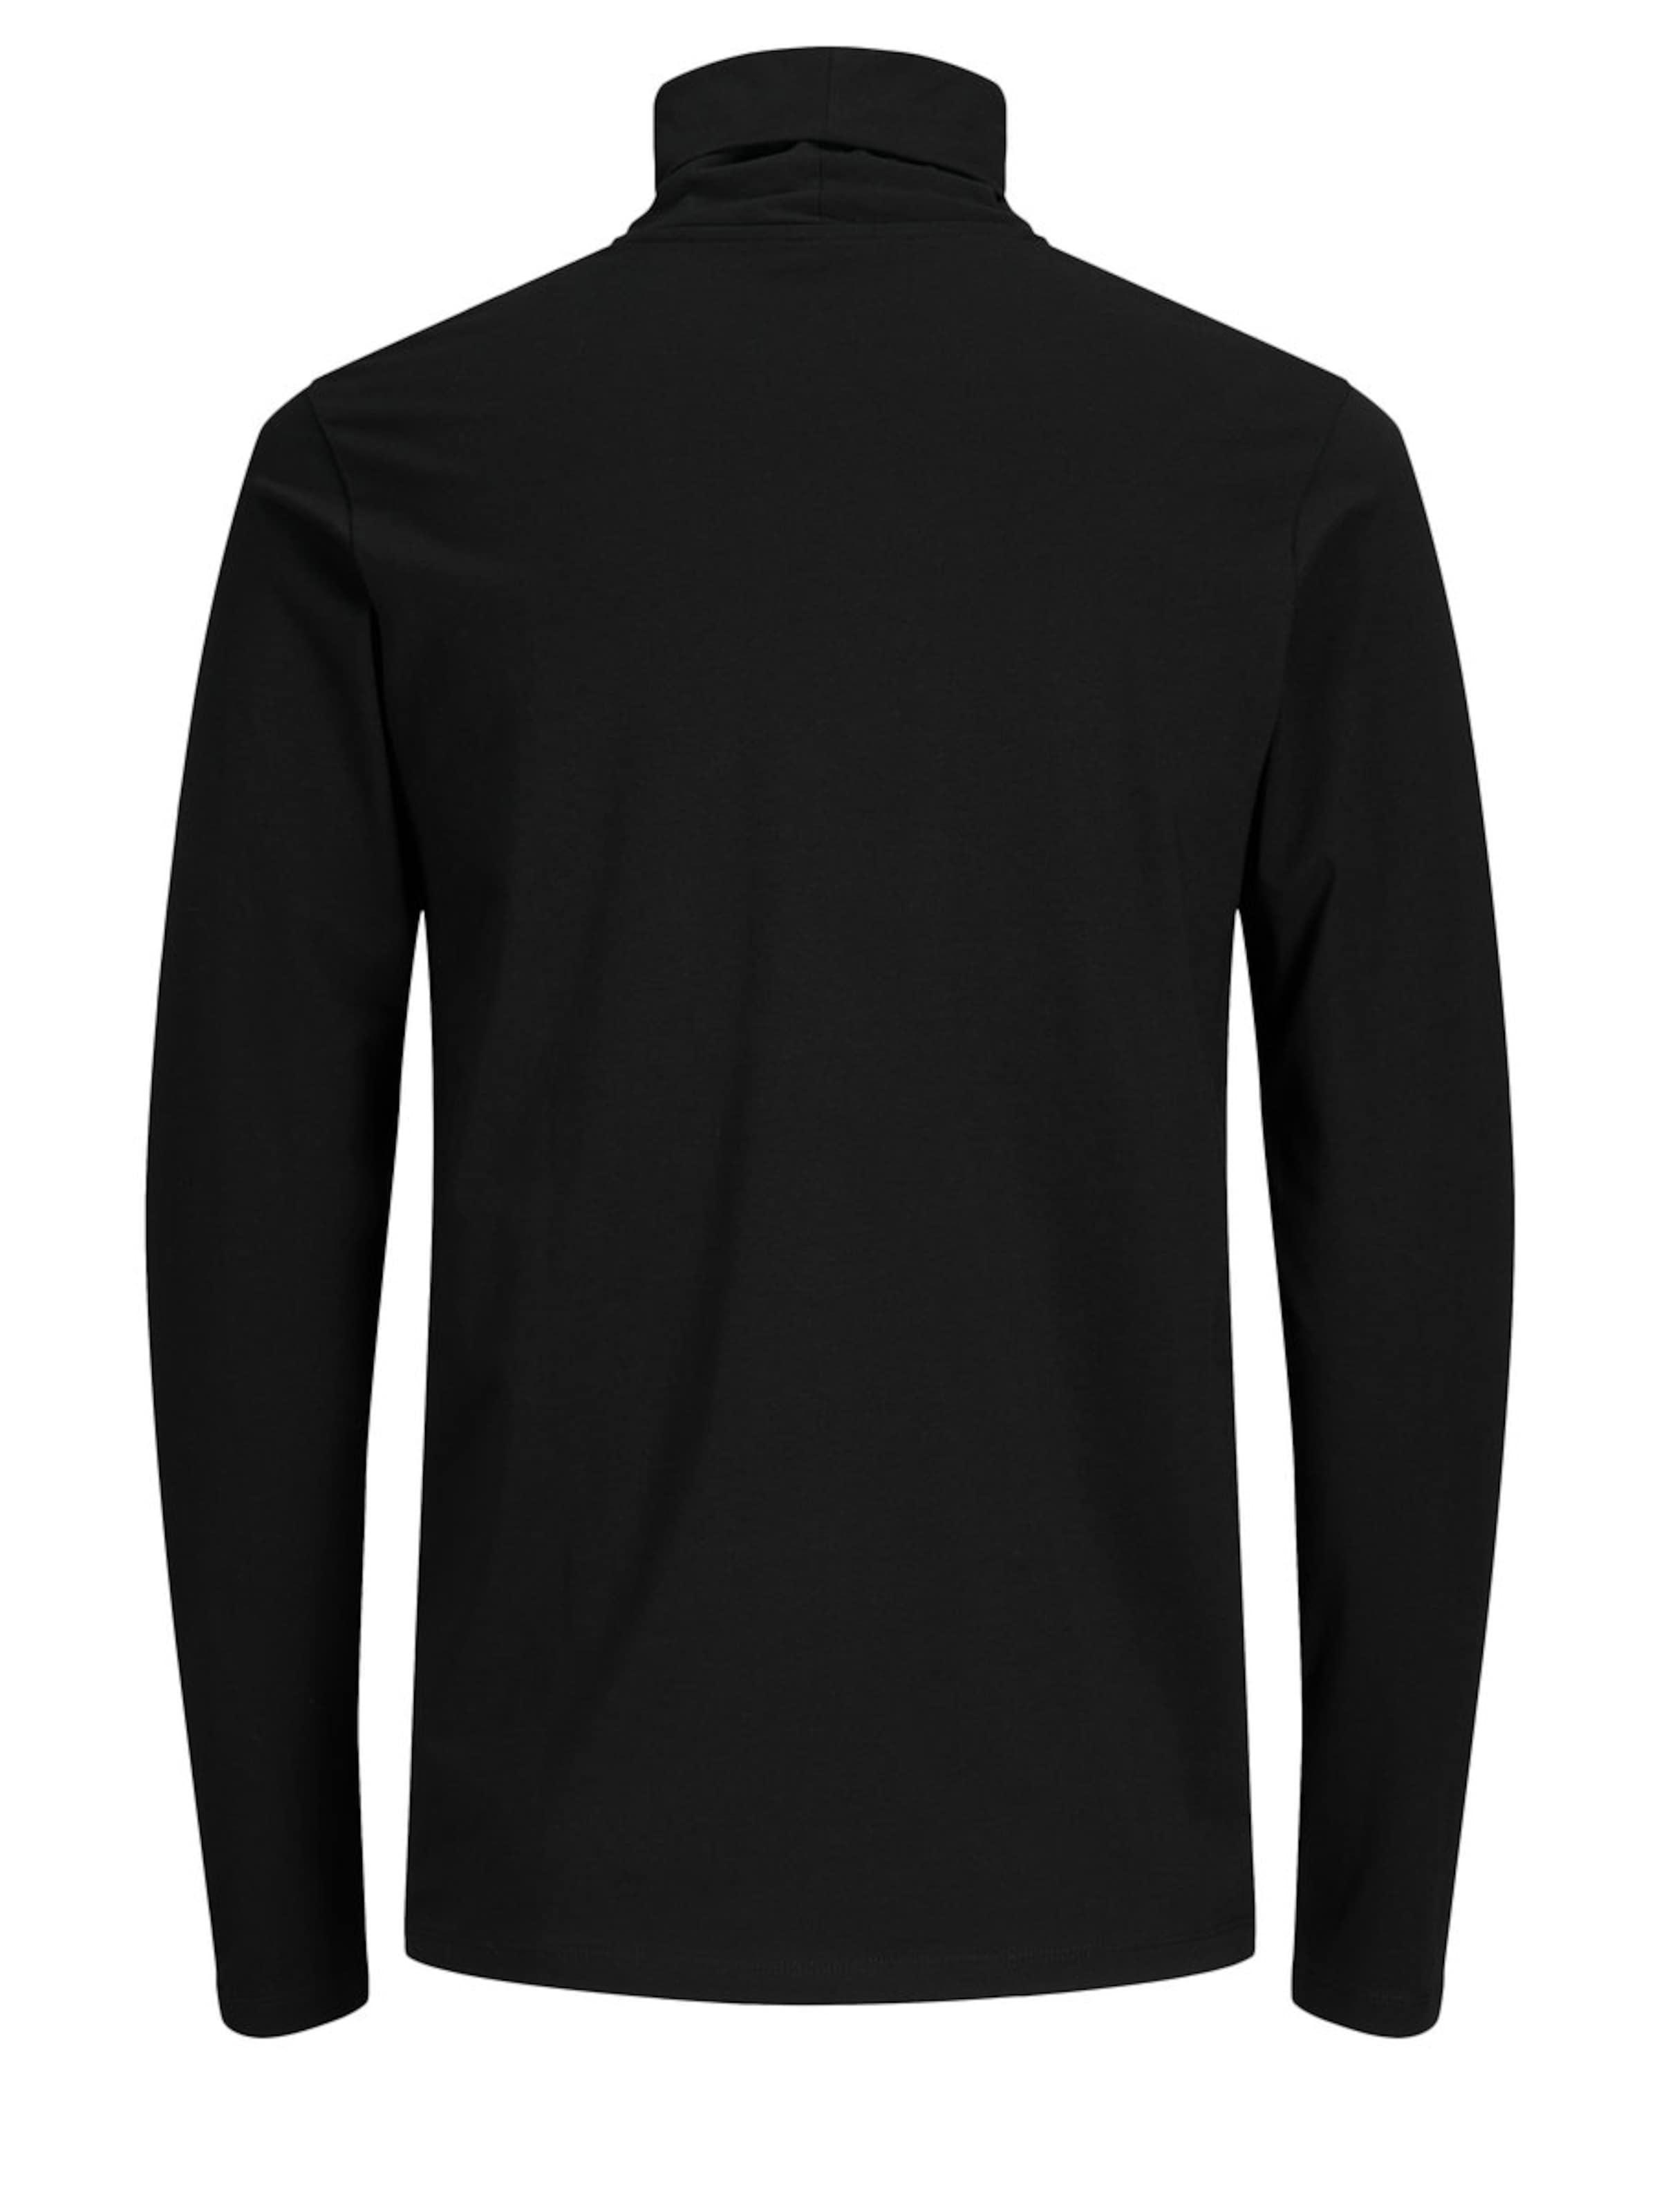 Schwarz Jones Shirt Jackamp; Jones Jackamp; Jones In Jackamp; Schwarz Shirt In Shirt oBreWdCx